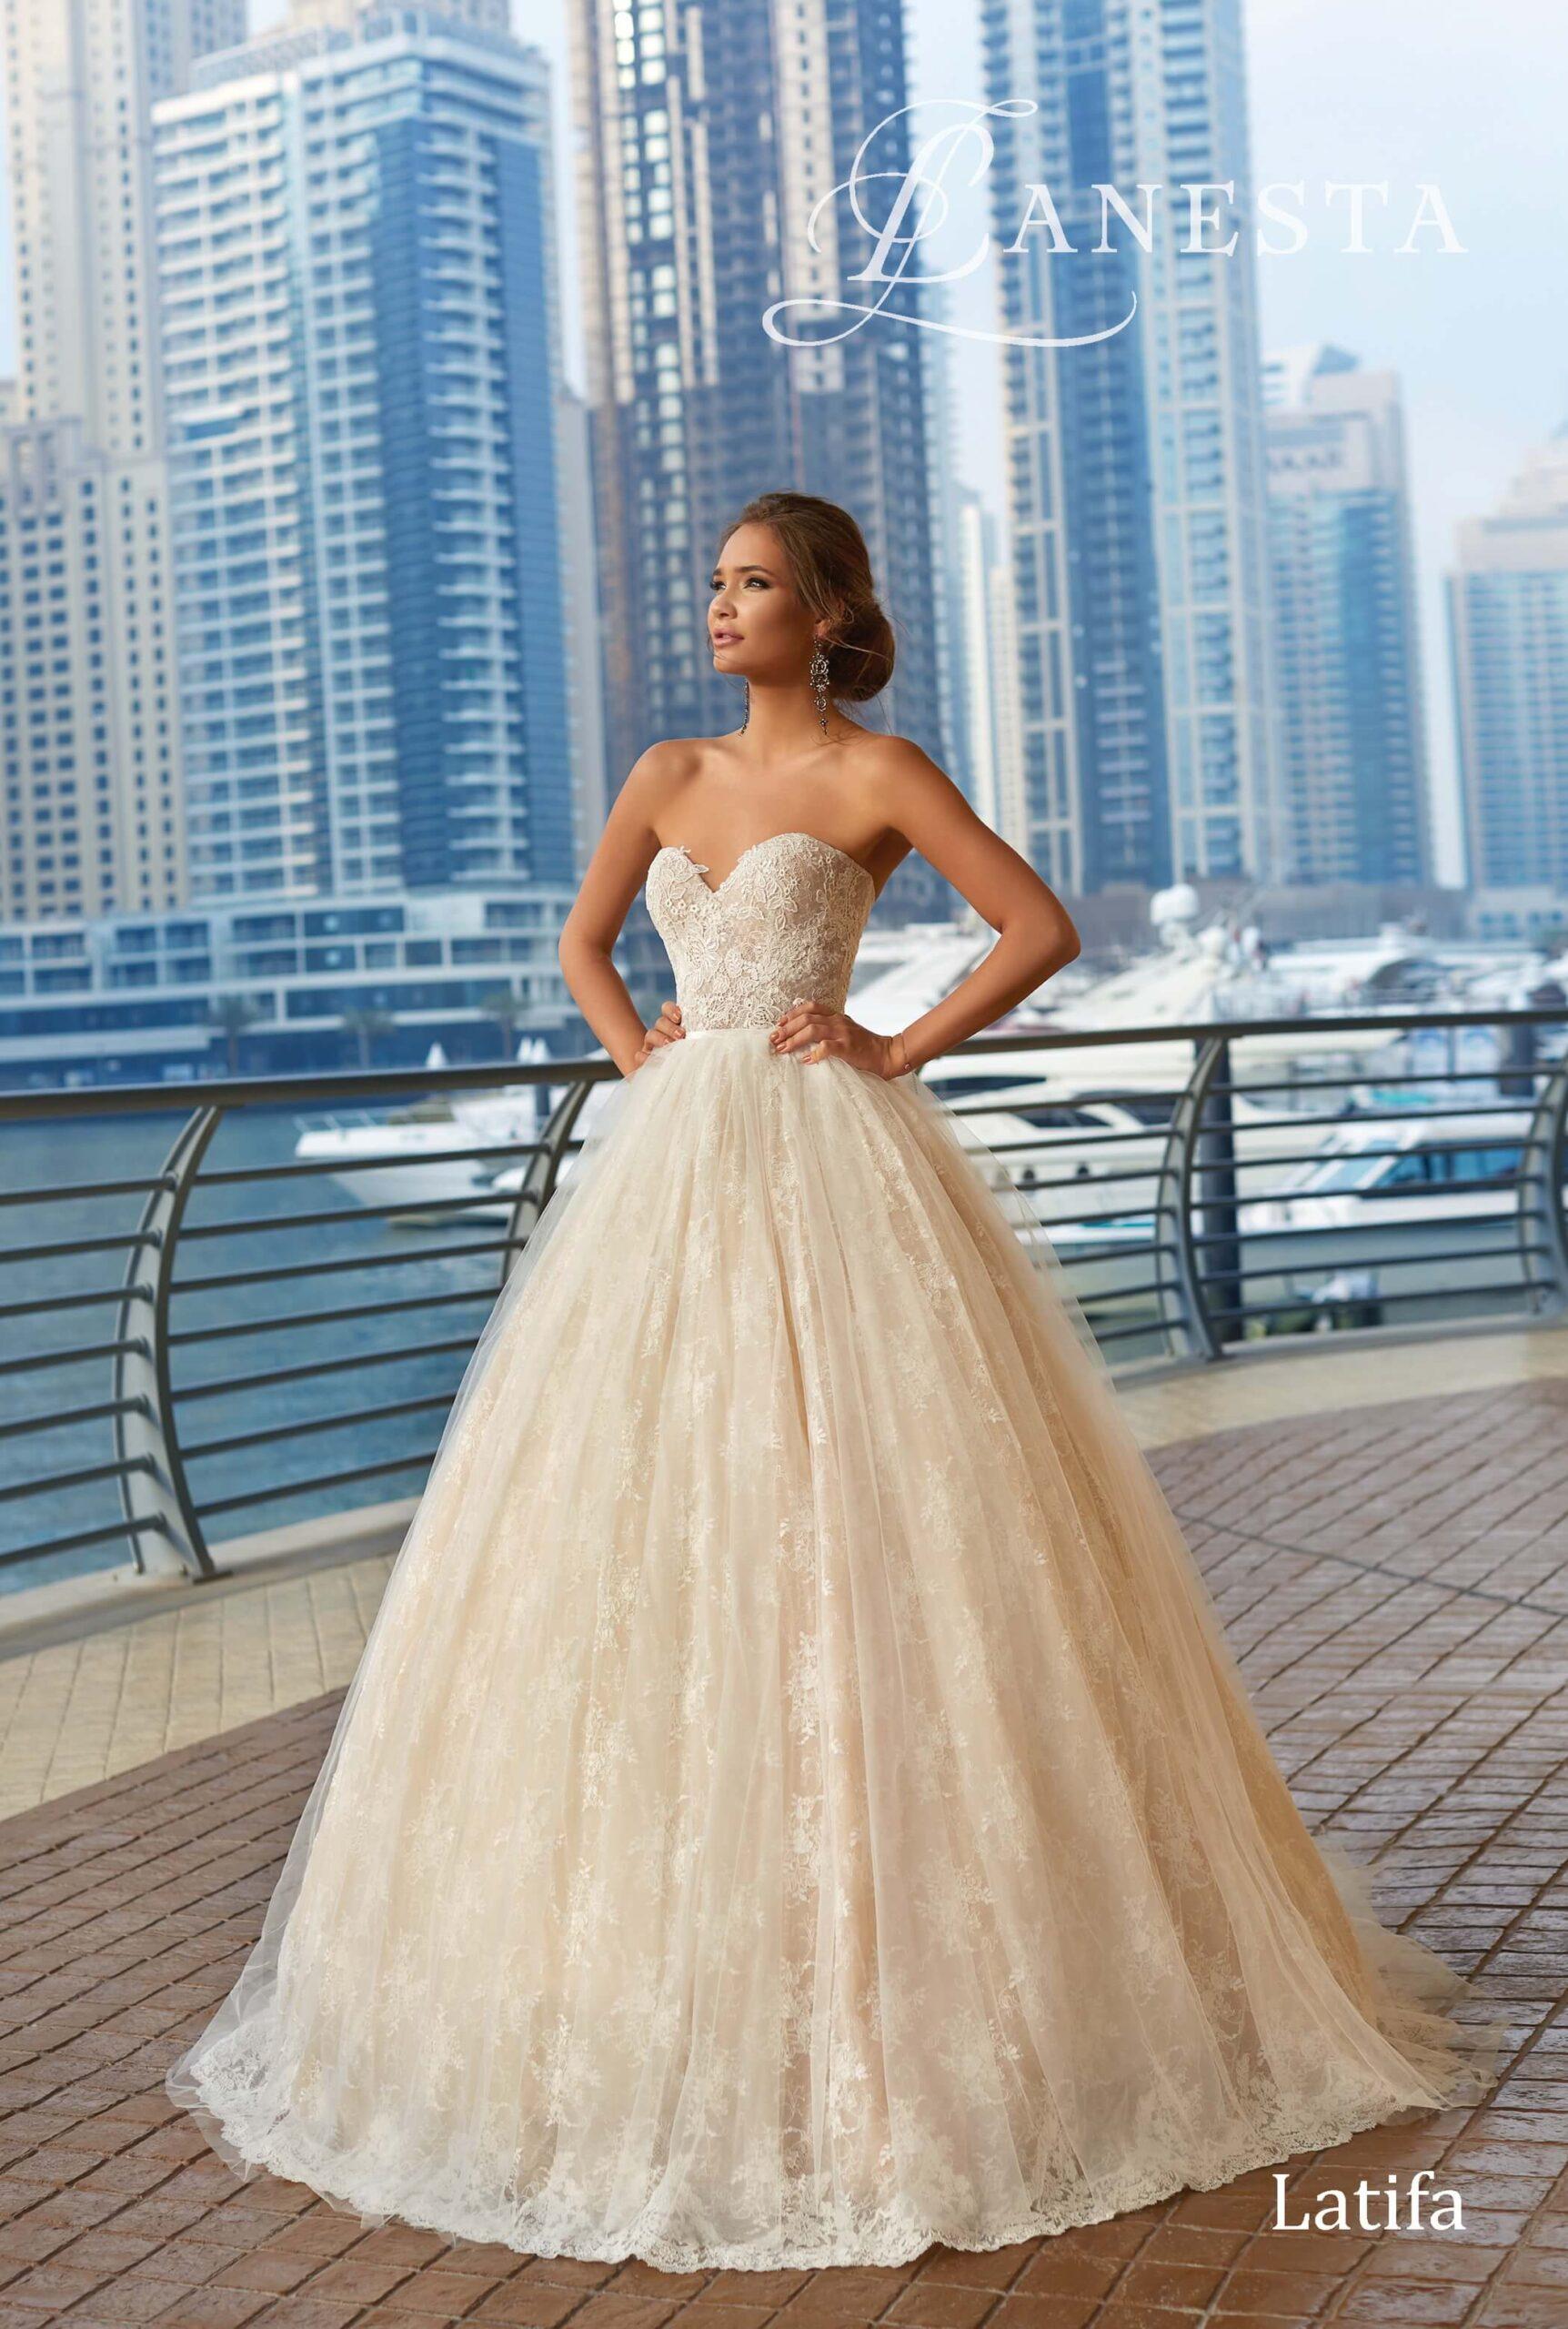 Свадебное платье Latifa Lanesta